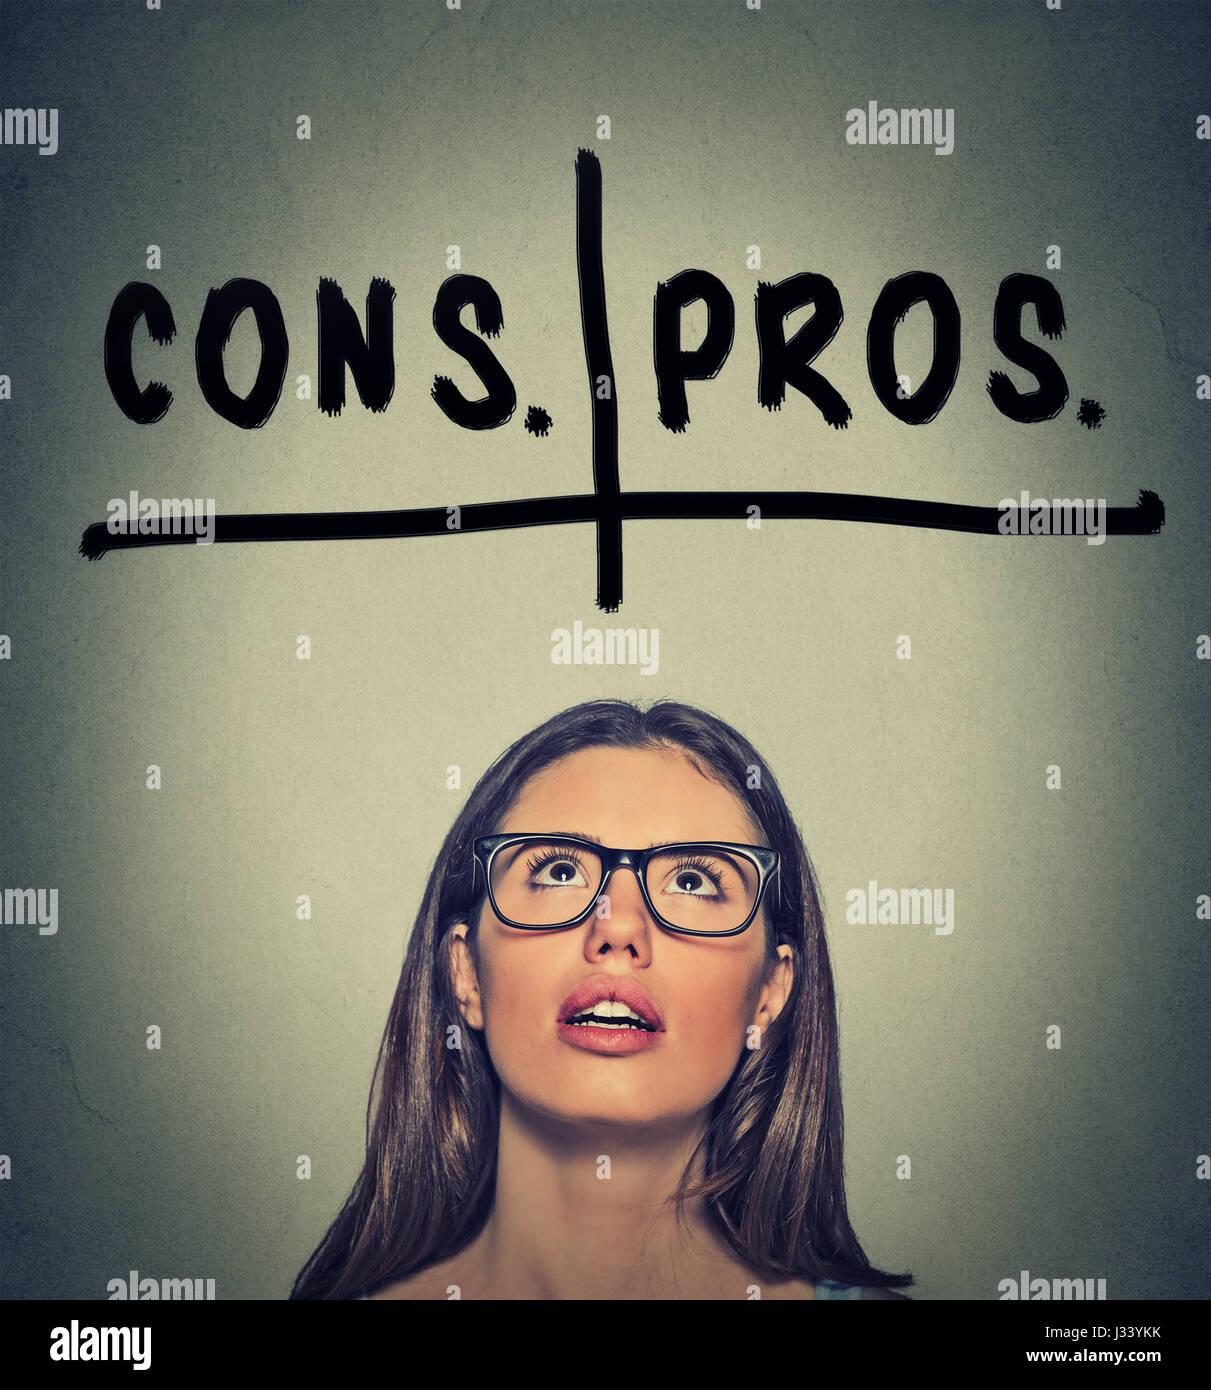 vor- und Nachteile, für und gegen Argument Konzept. Junge Frau mit Brille nachschlagen auf graue Wand Hintergrund Stockbild